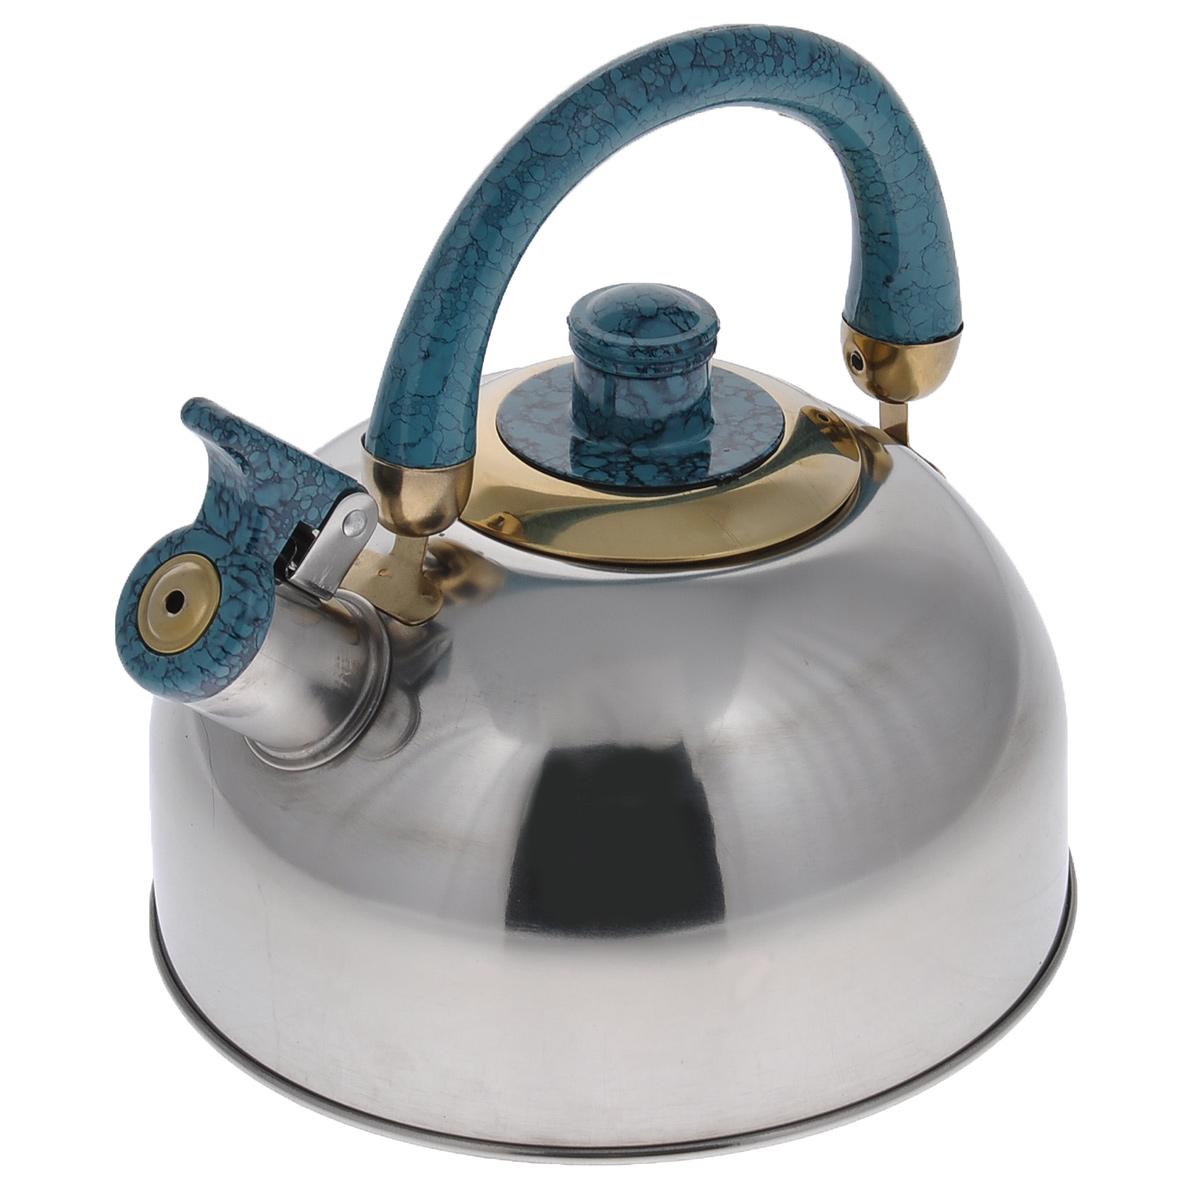 Чайник Mayer & Boch, со свистком, цвет: бирюзовый, 3 л. 16221622Чайник Mayer & Boch изготовлен из высококачественной нержавеющей стали с зеркальной полировкой, что делает его весьма гигиеничным и устойчивым к износу при длительном использовании. Гладкая и ровная поверхность существенно облегчает уход за посудой. Выполненный из качественных материалов чайник при кипячении сохраняет все полезные свойства воды. Носик чайника имеет откидной свисток, звуковой сигнал которого подскажет, когда закипит вода. Крышка, свисток и ручка выполнены из бакелита.Классический дизайн чайника Mayer & Boch дополнит любую кухню. Подходит для использования на всех типах кухонных плит, кроме индукционные. Высота чайника (с учетом ручки): 20 см. Высота чайника (без учета ручки и крышки): 10,5 см. Диаметр основания чайника: 18,5 см. Диаметр по верхнему краю: 8,5 см.